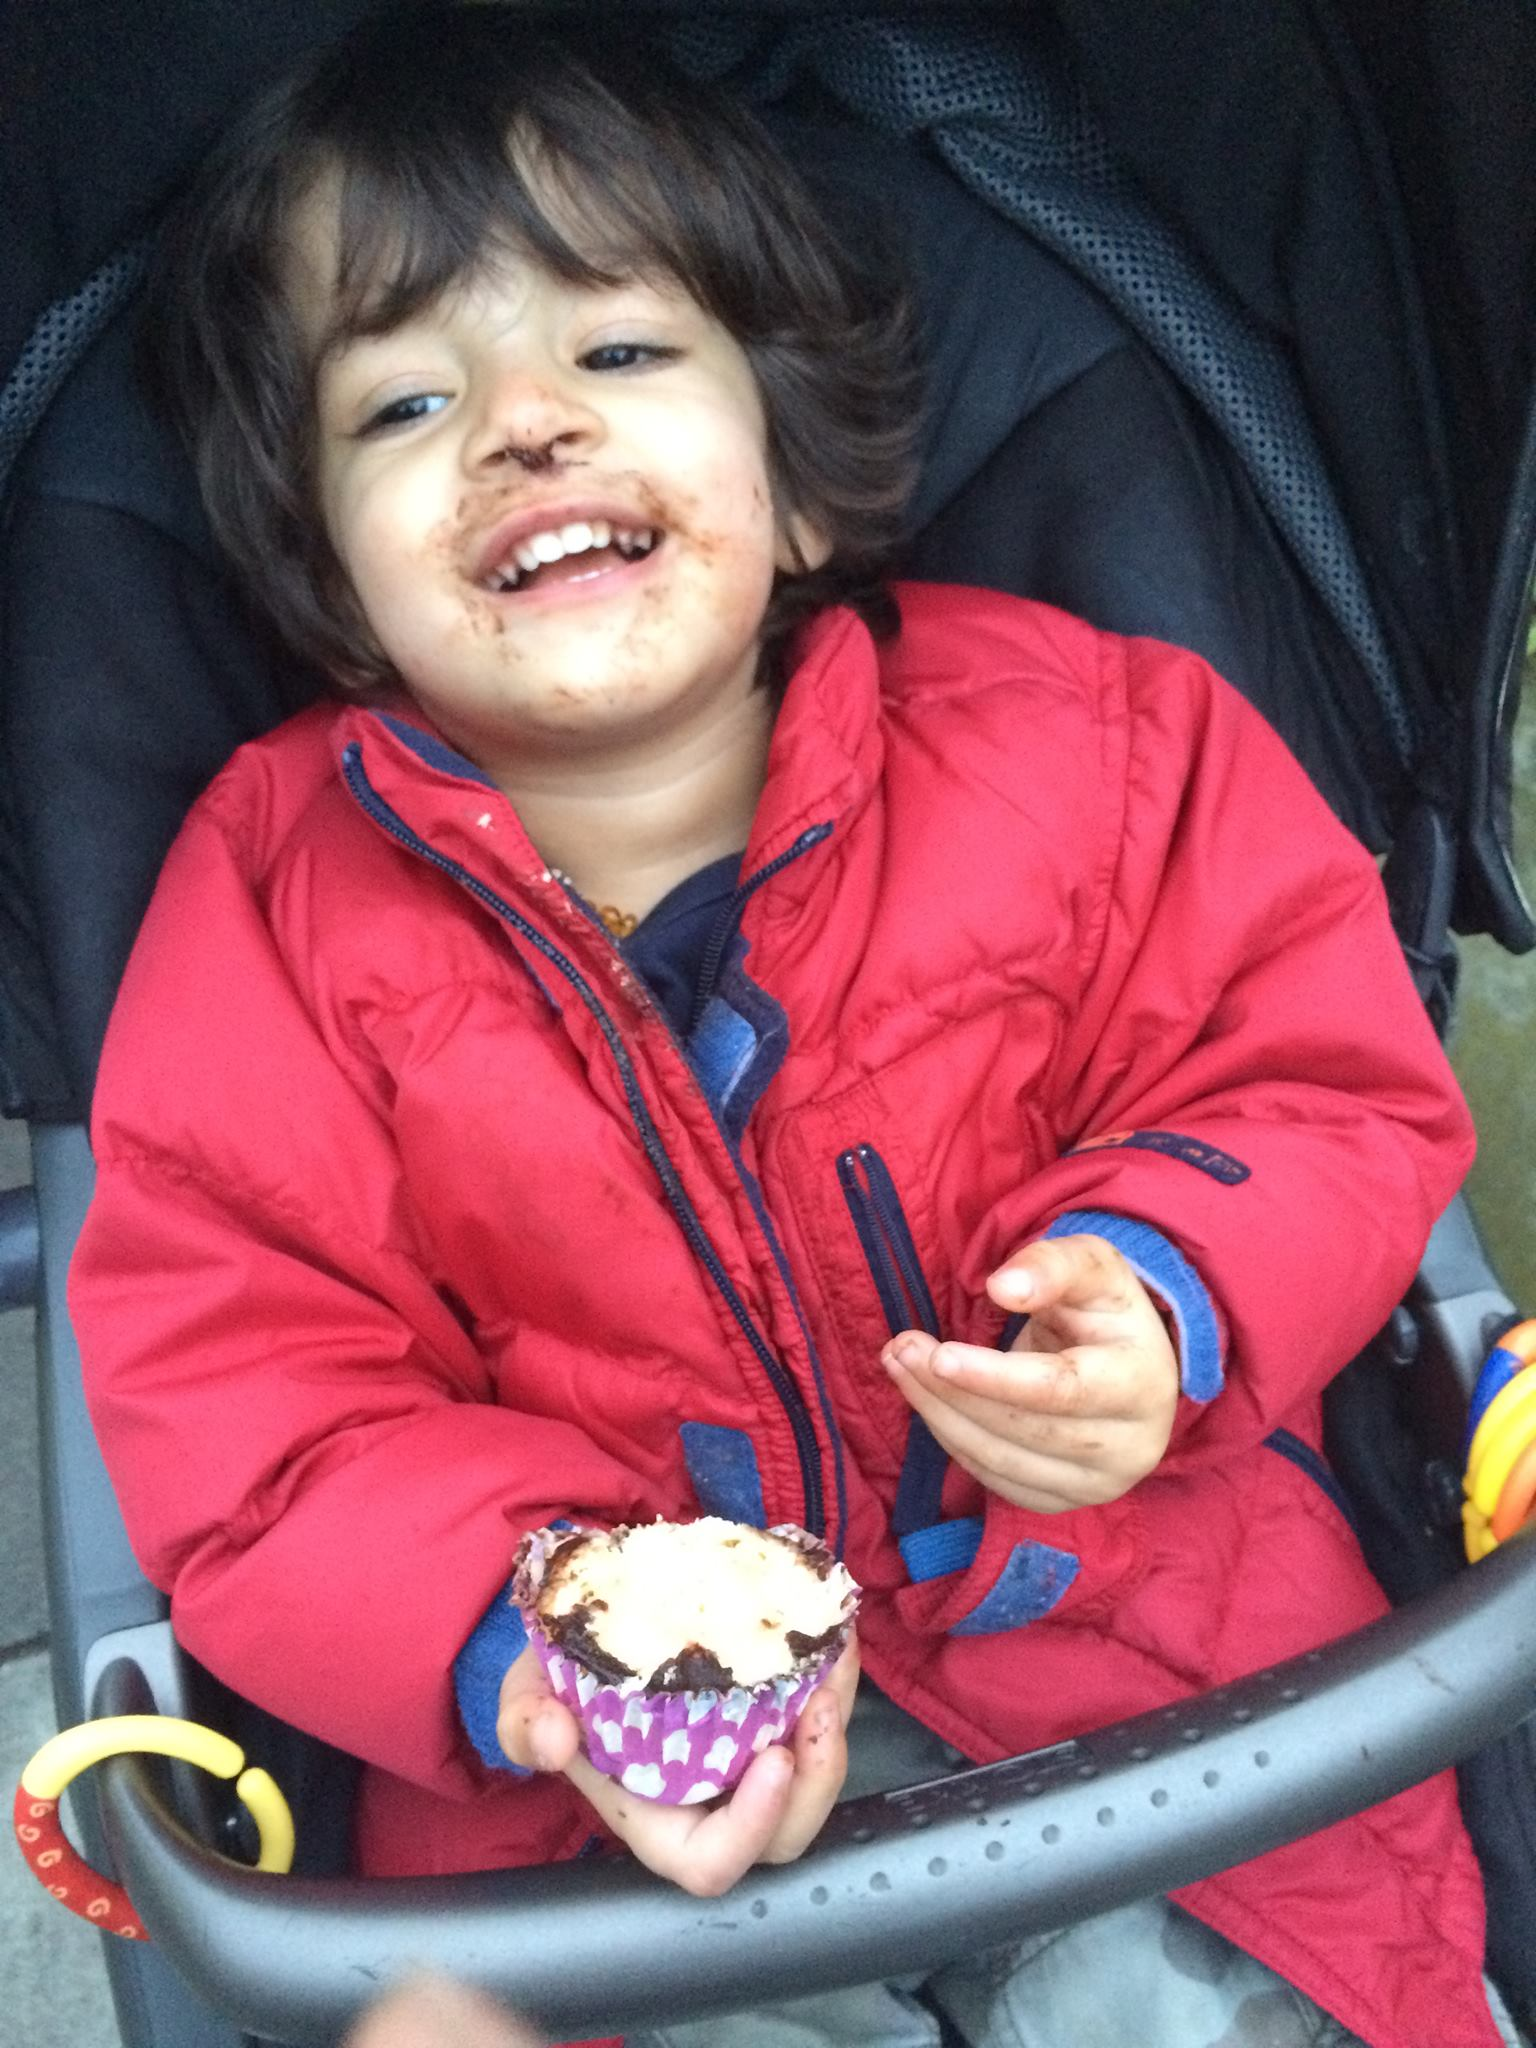 cakestokke-InnerVisionsID-Braanding-Consultancy-London.jpg